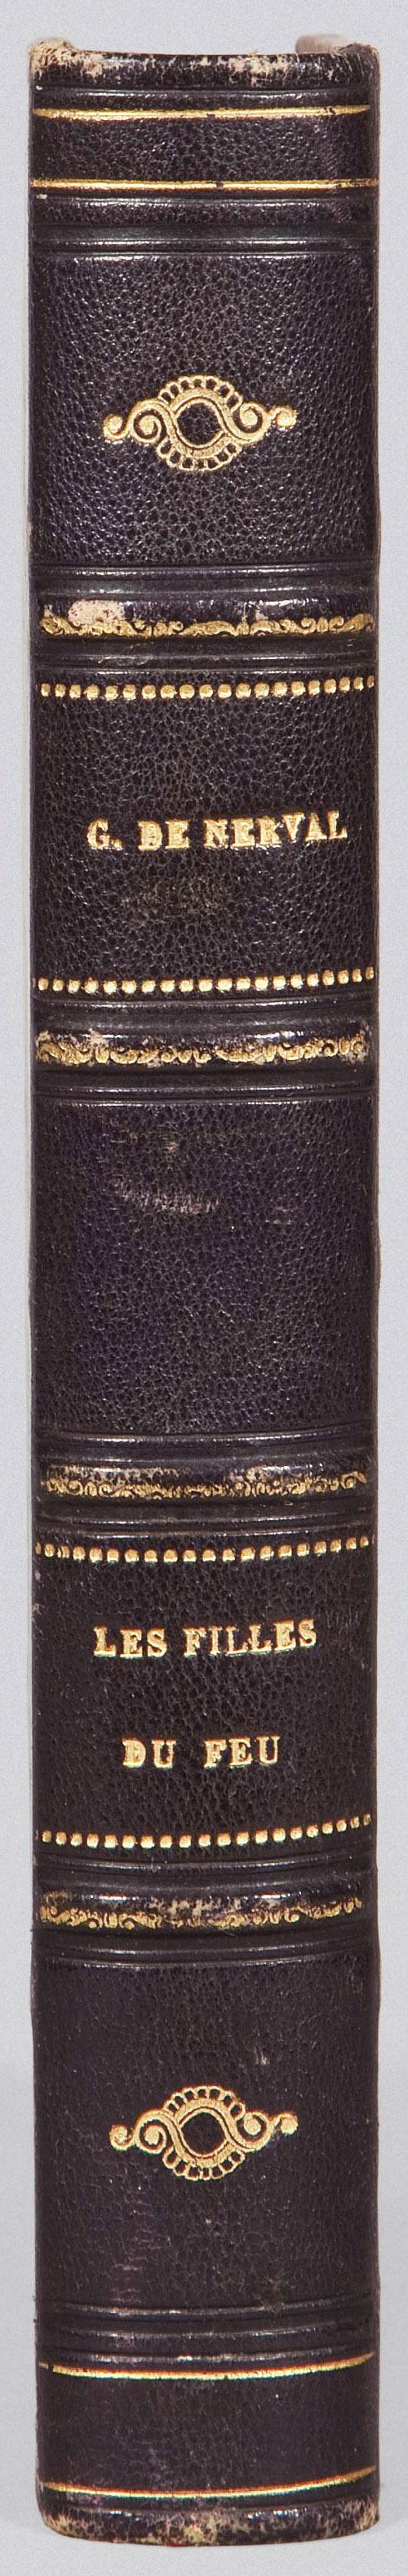 NERVAL, Gérard de (1808-1855). Les Filles du feu. Nouvelles. Paris: Gustave Gratiot pour D. Giraud, 1854.